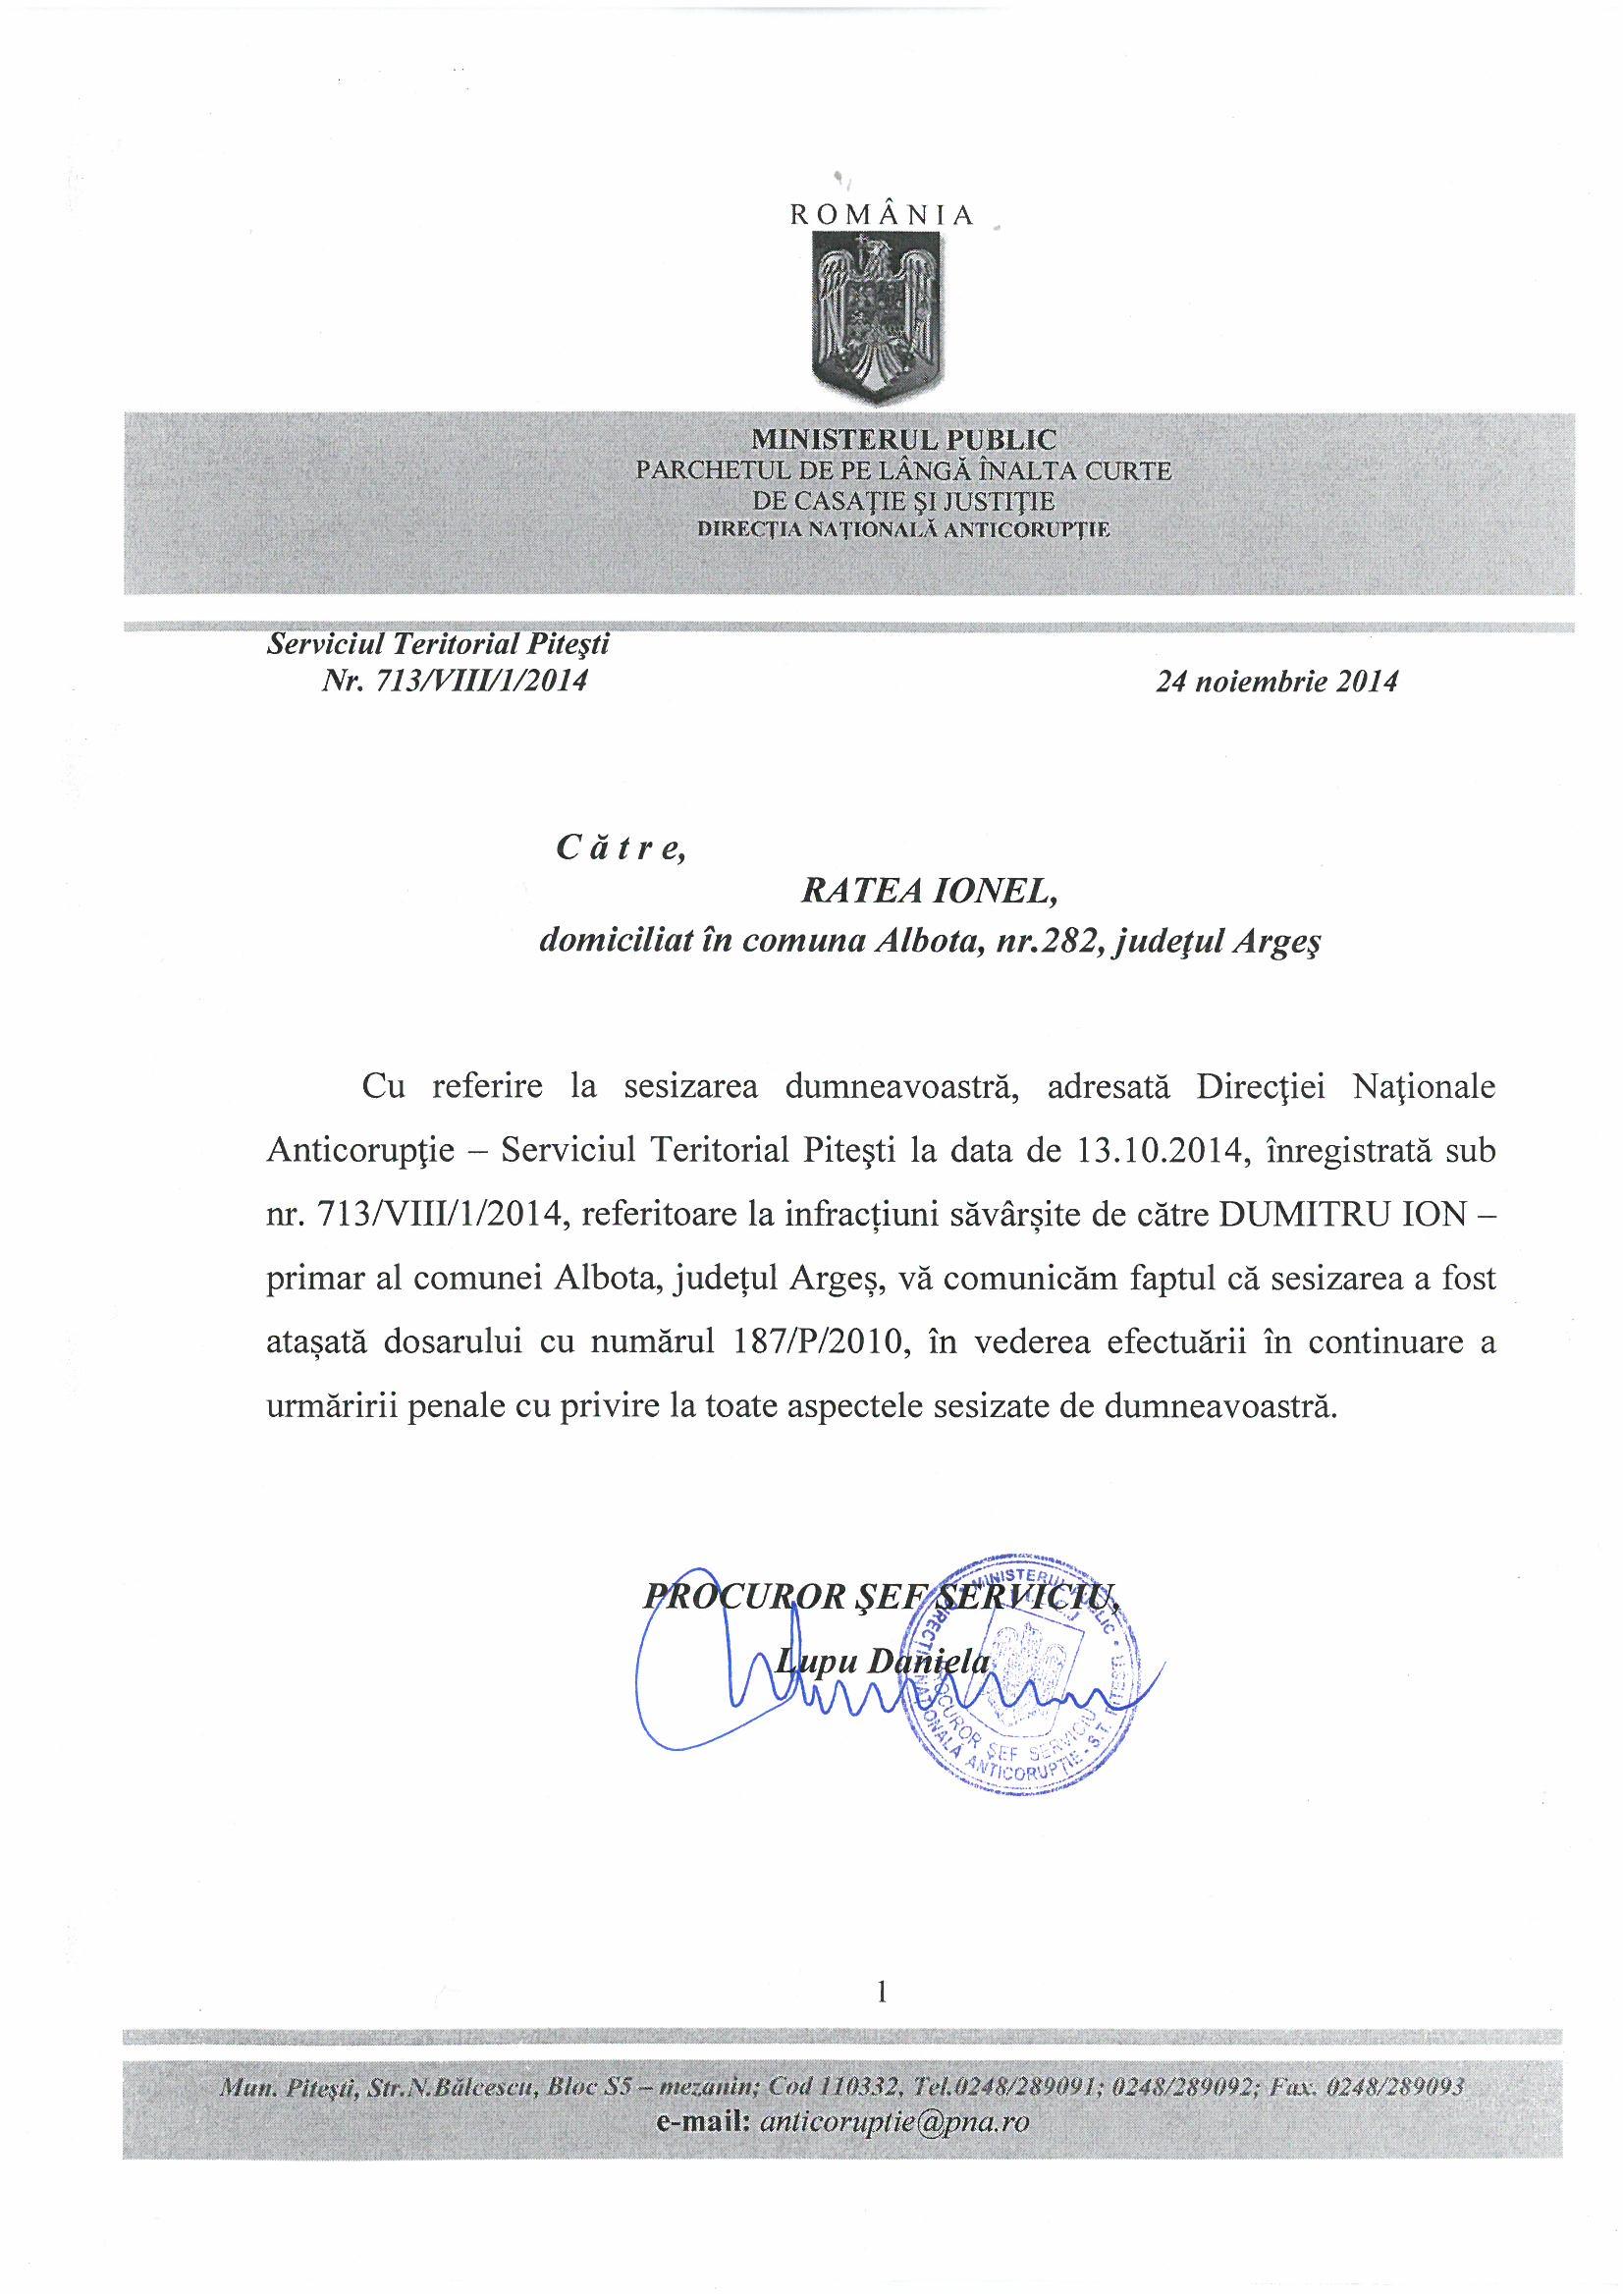 Va prezentam cele 2 comunicari ale prim-procurorului DNA Pitesti cu inceperea urmaririi penale a primarului Ion Dumitru